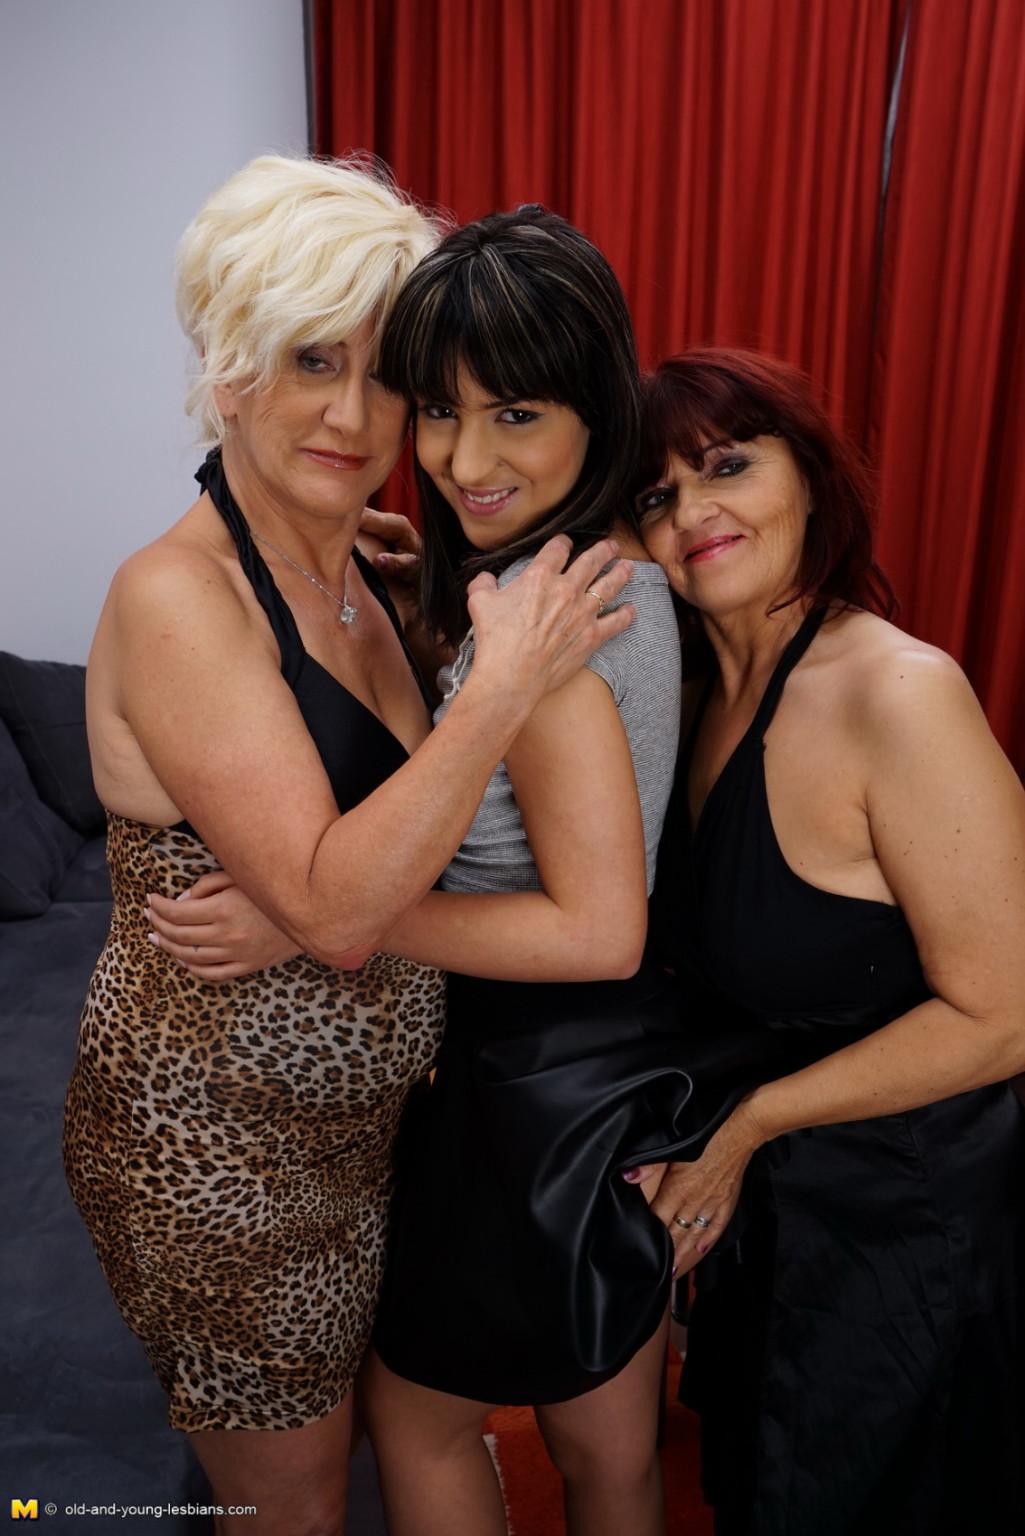 Три женщины показывают, как они умеют развлекаться в обществе друг друга, искусно орудуя язычками